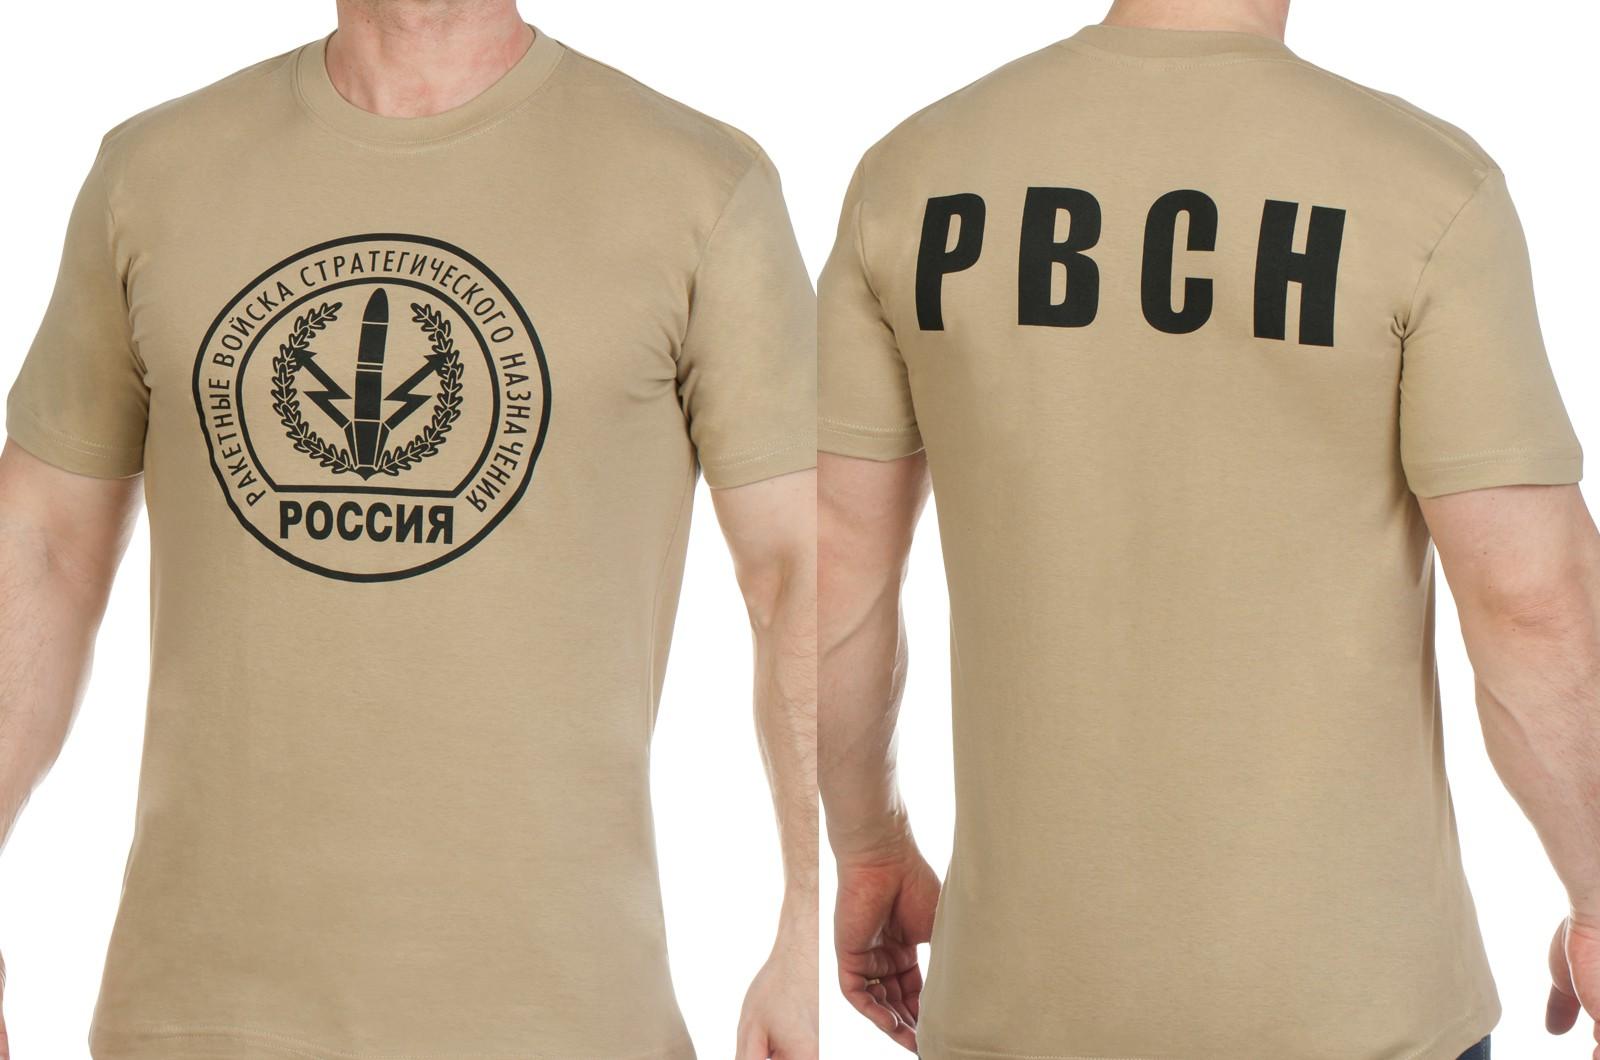 Заказать оптом футболки с символикой РВСН